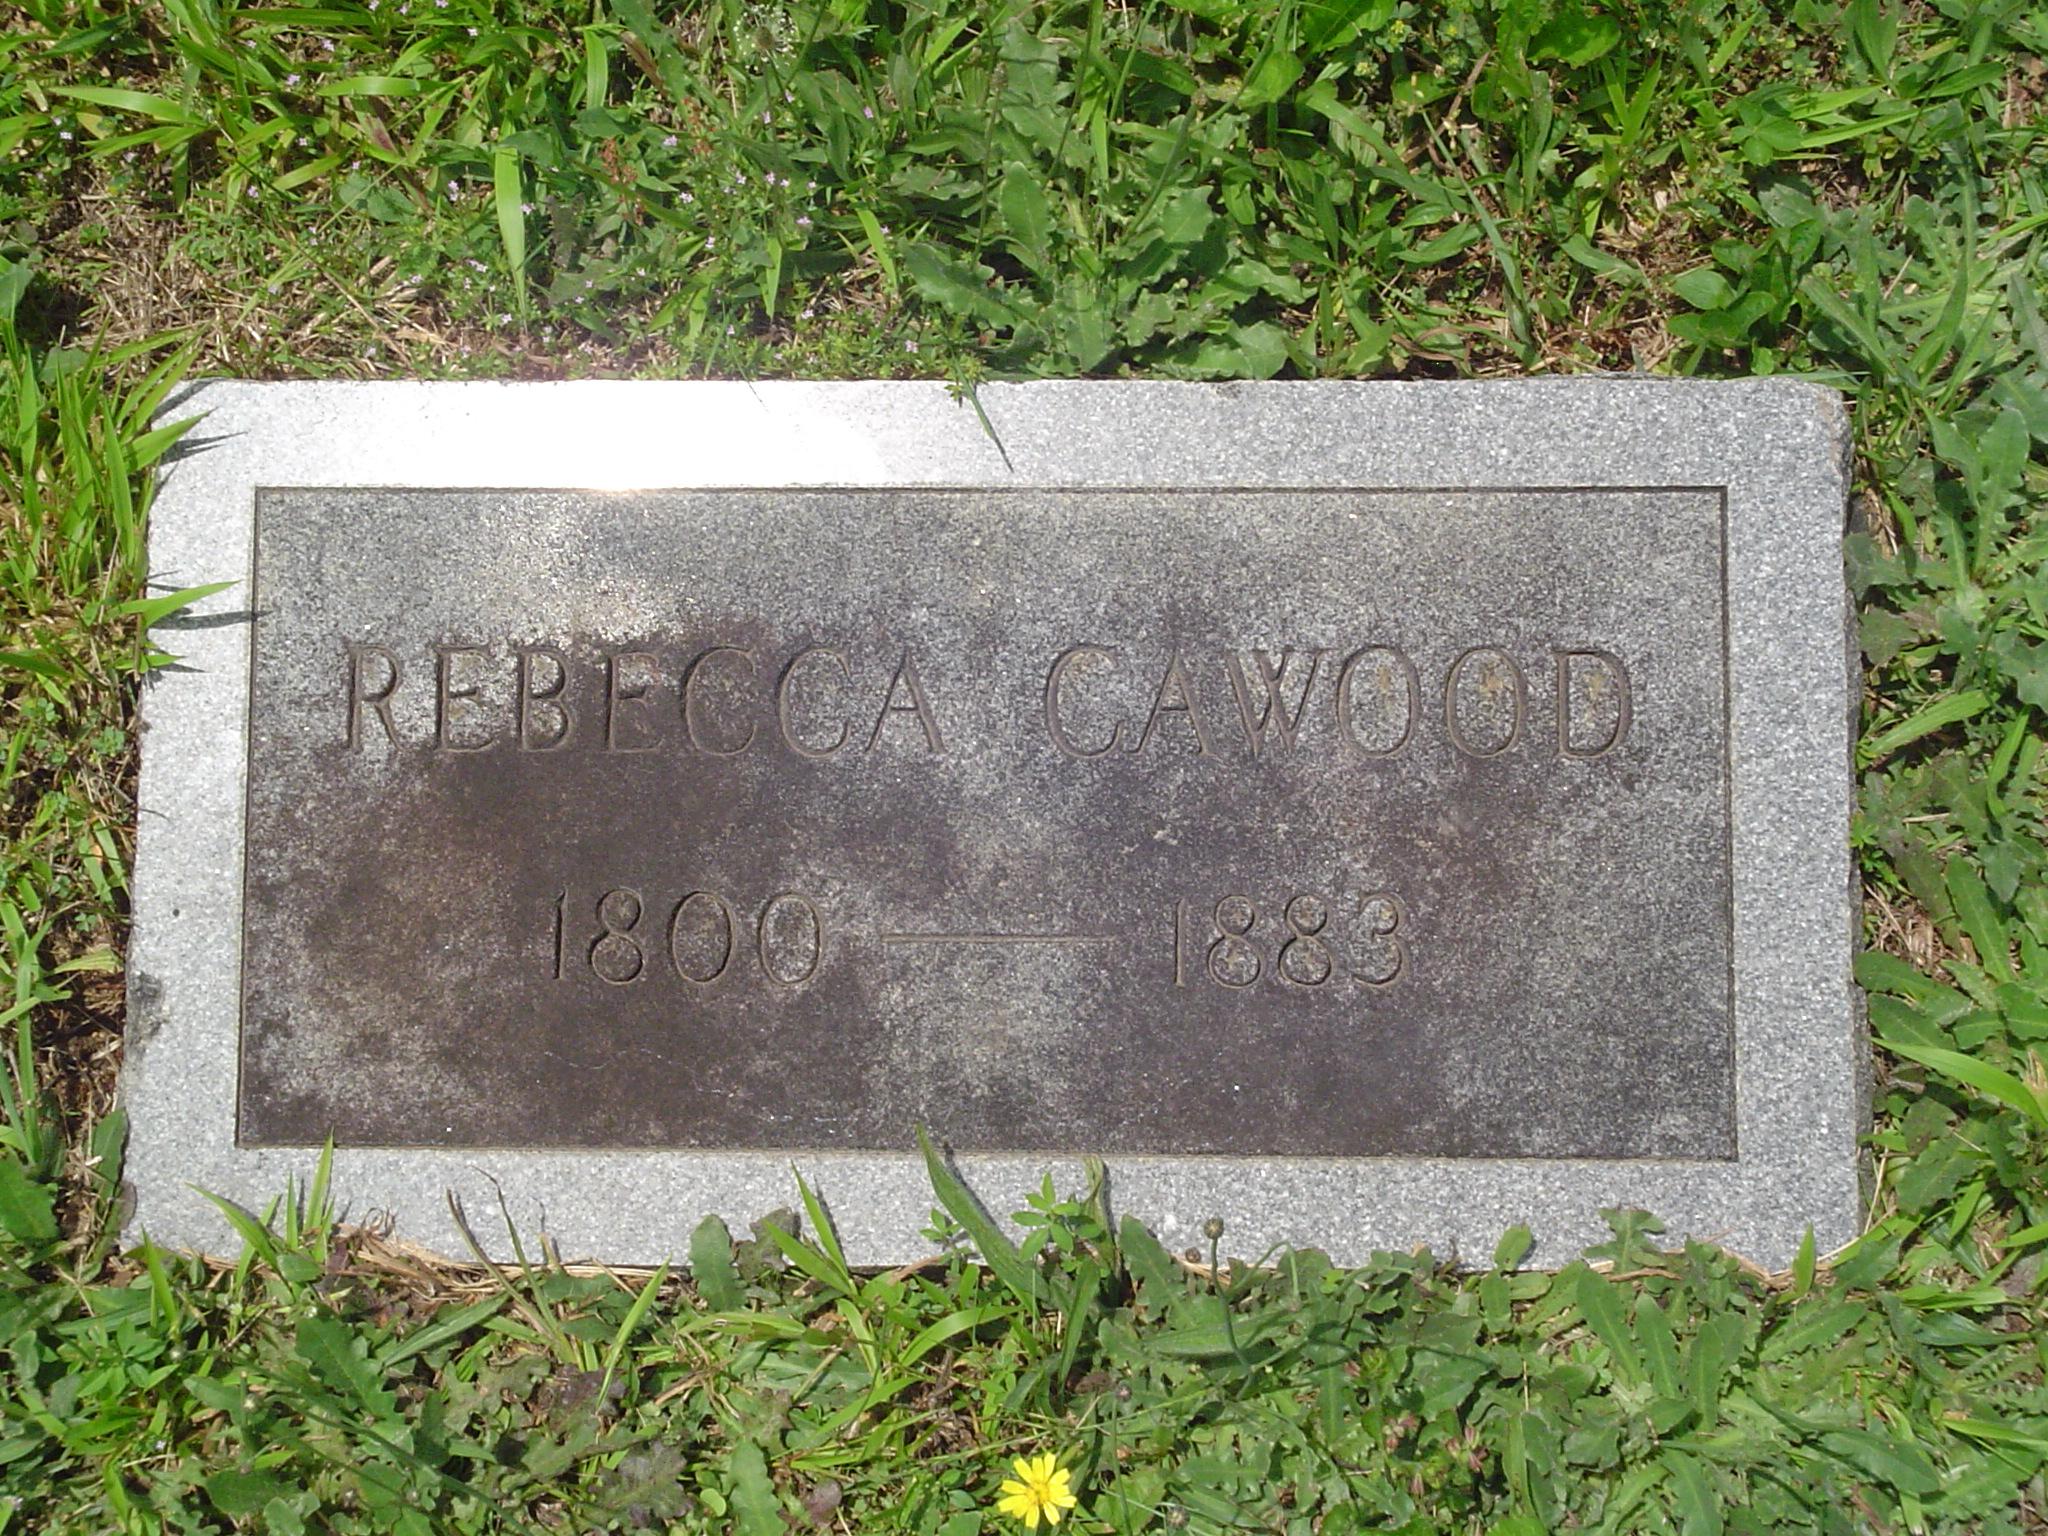 Rebecca Cawood